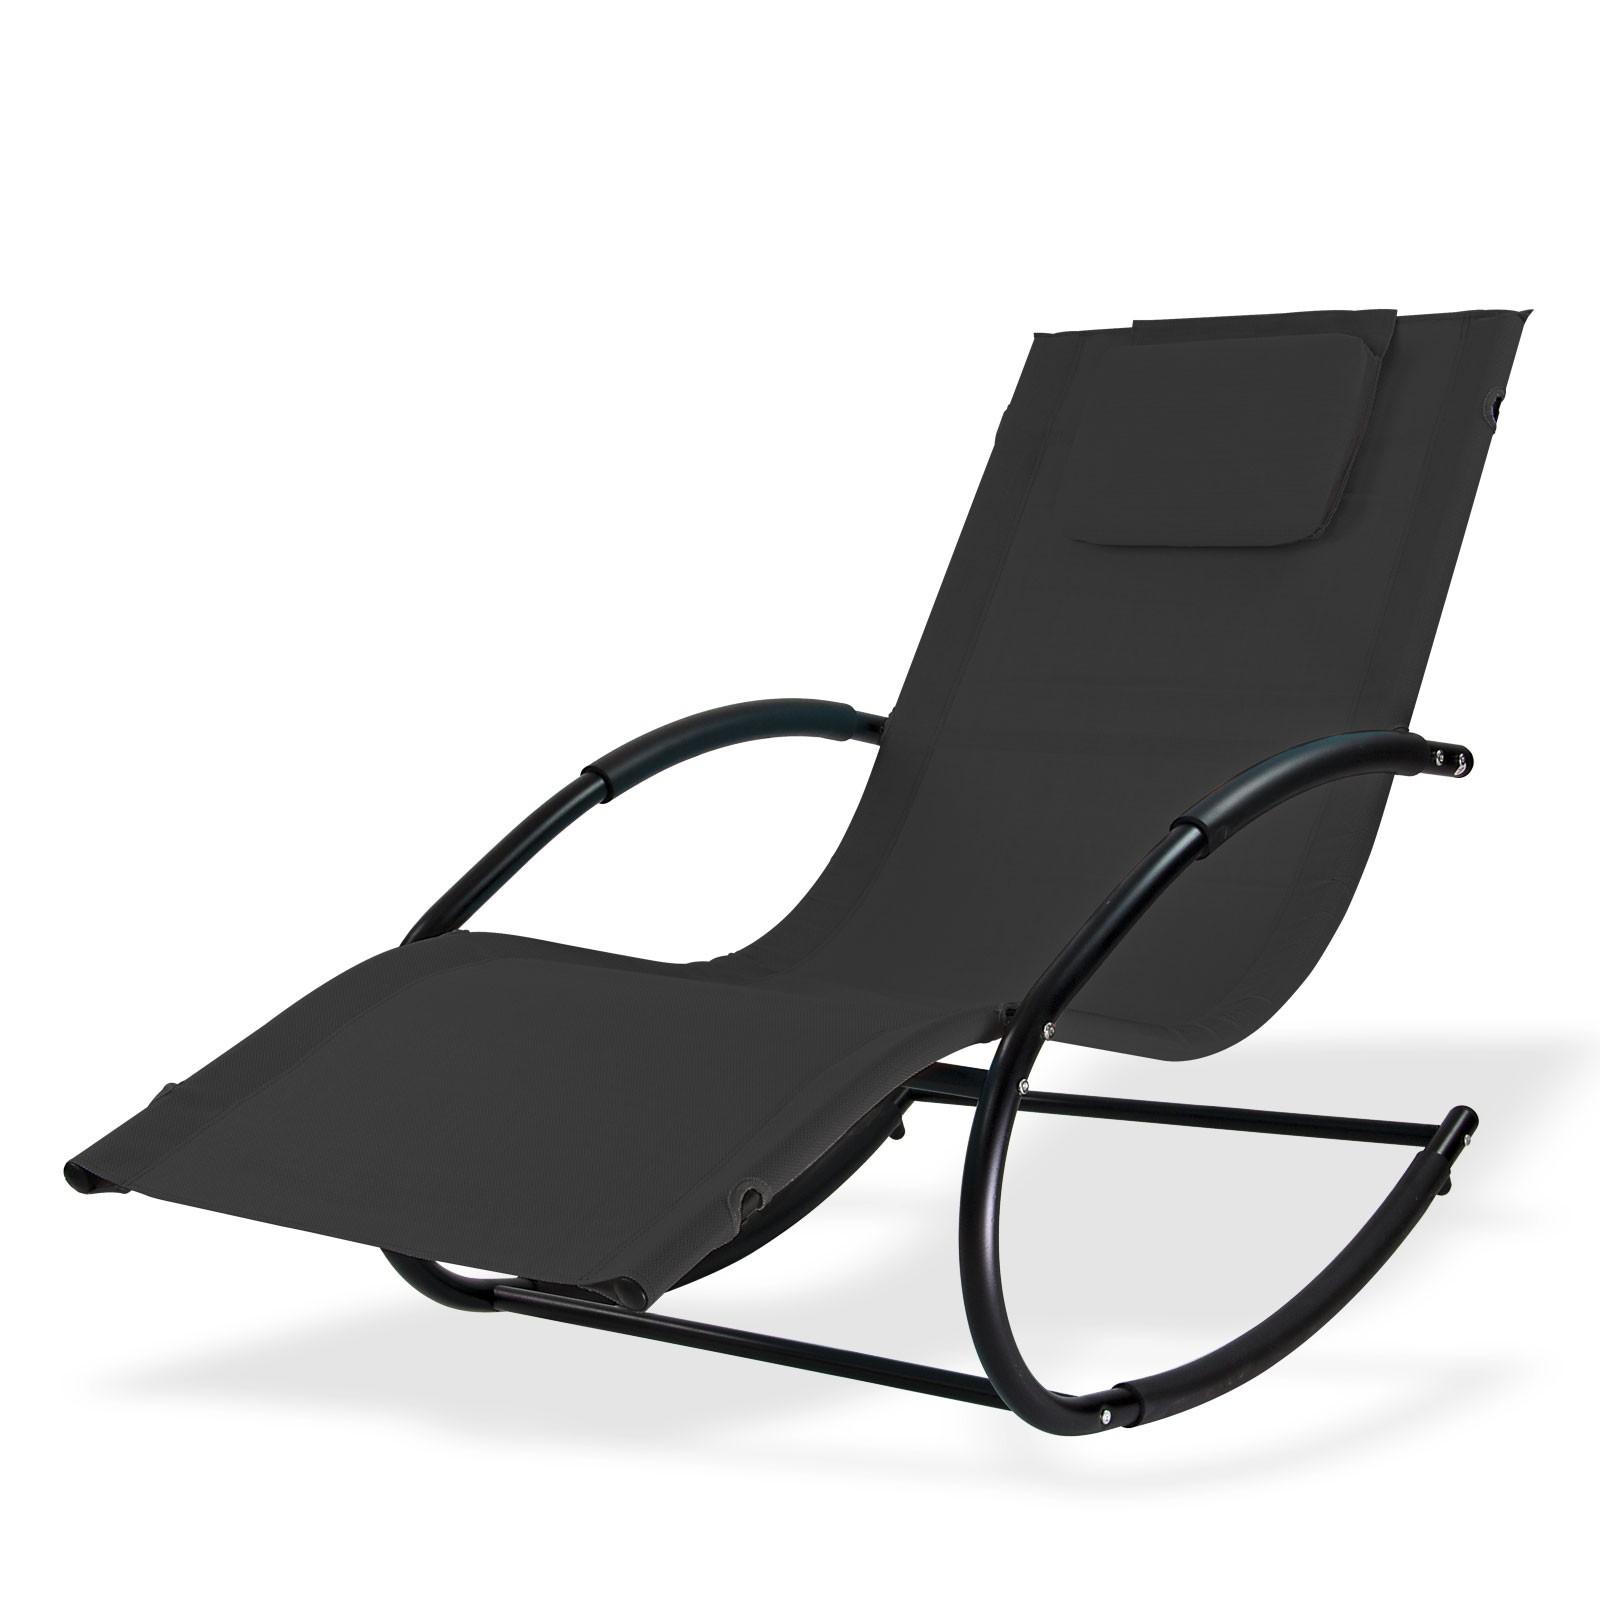 Garten Schaukelliege: Relaxliege / Sonnenliege Swing Anthrazit